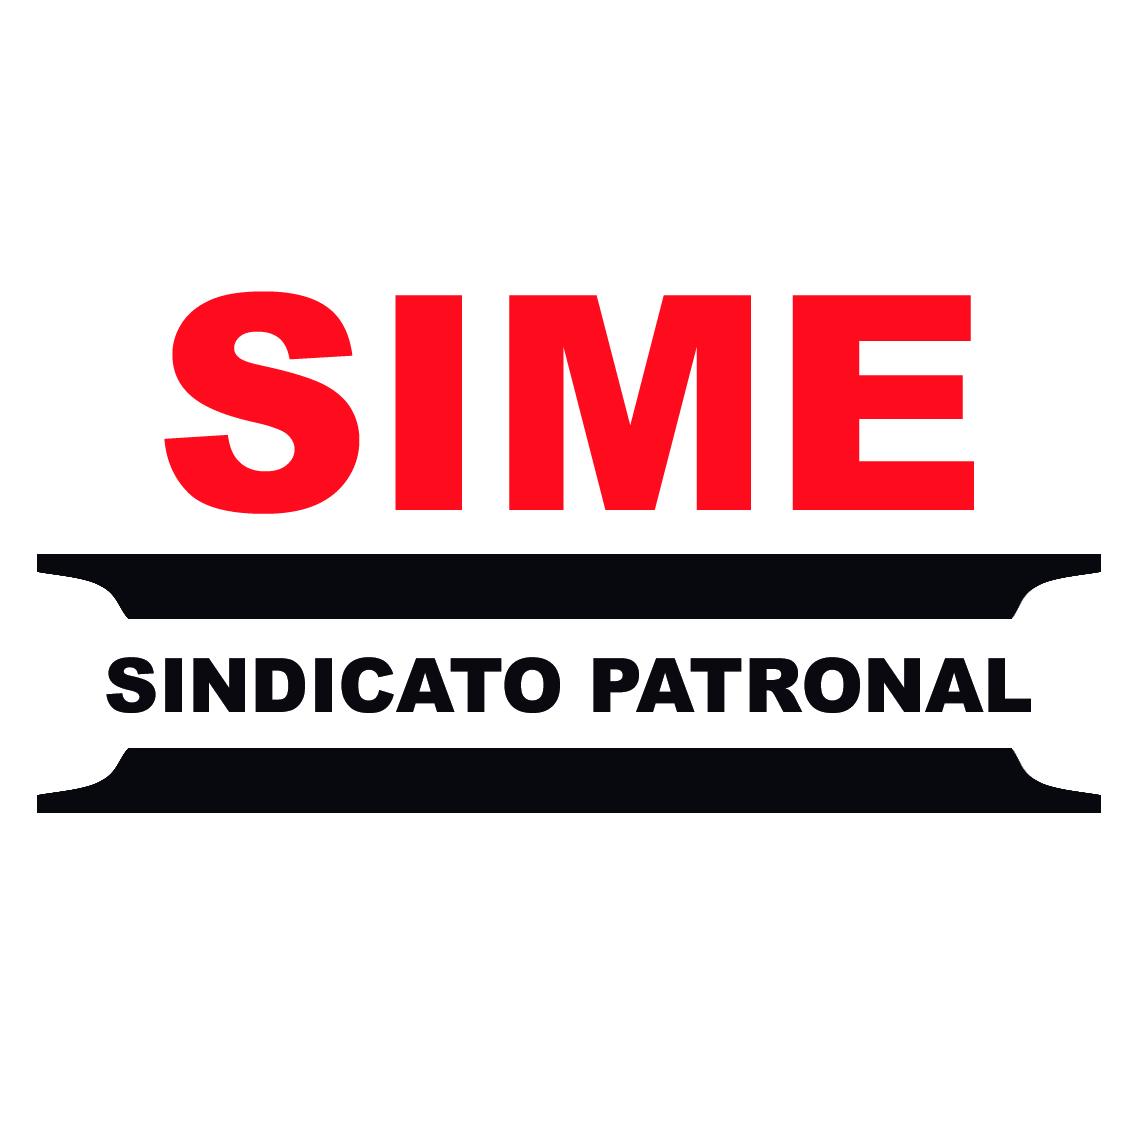 Sindicato das Indústrias Metalúrgicas, Mecânicas, Material Elétrico e Eletrônico de João Monlevade